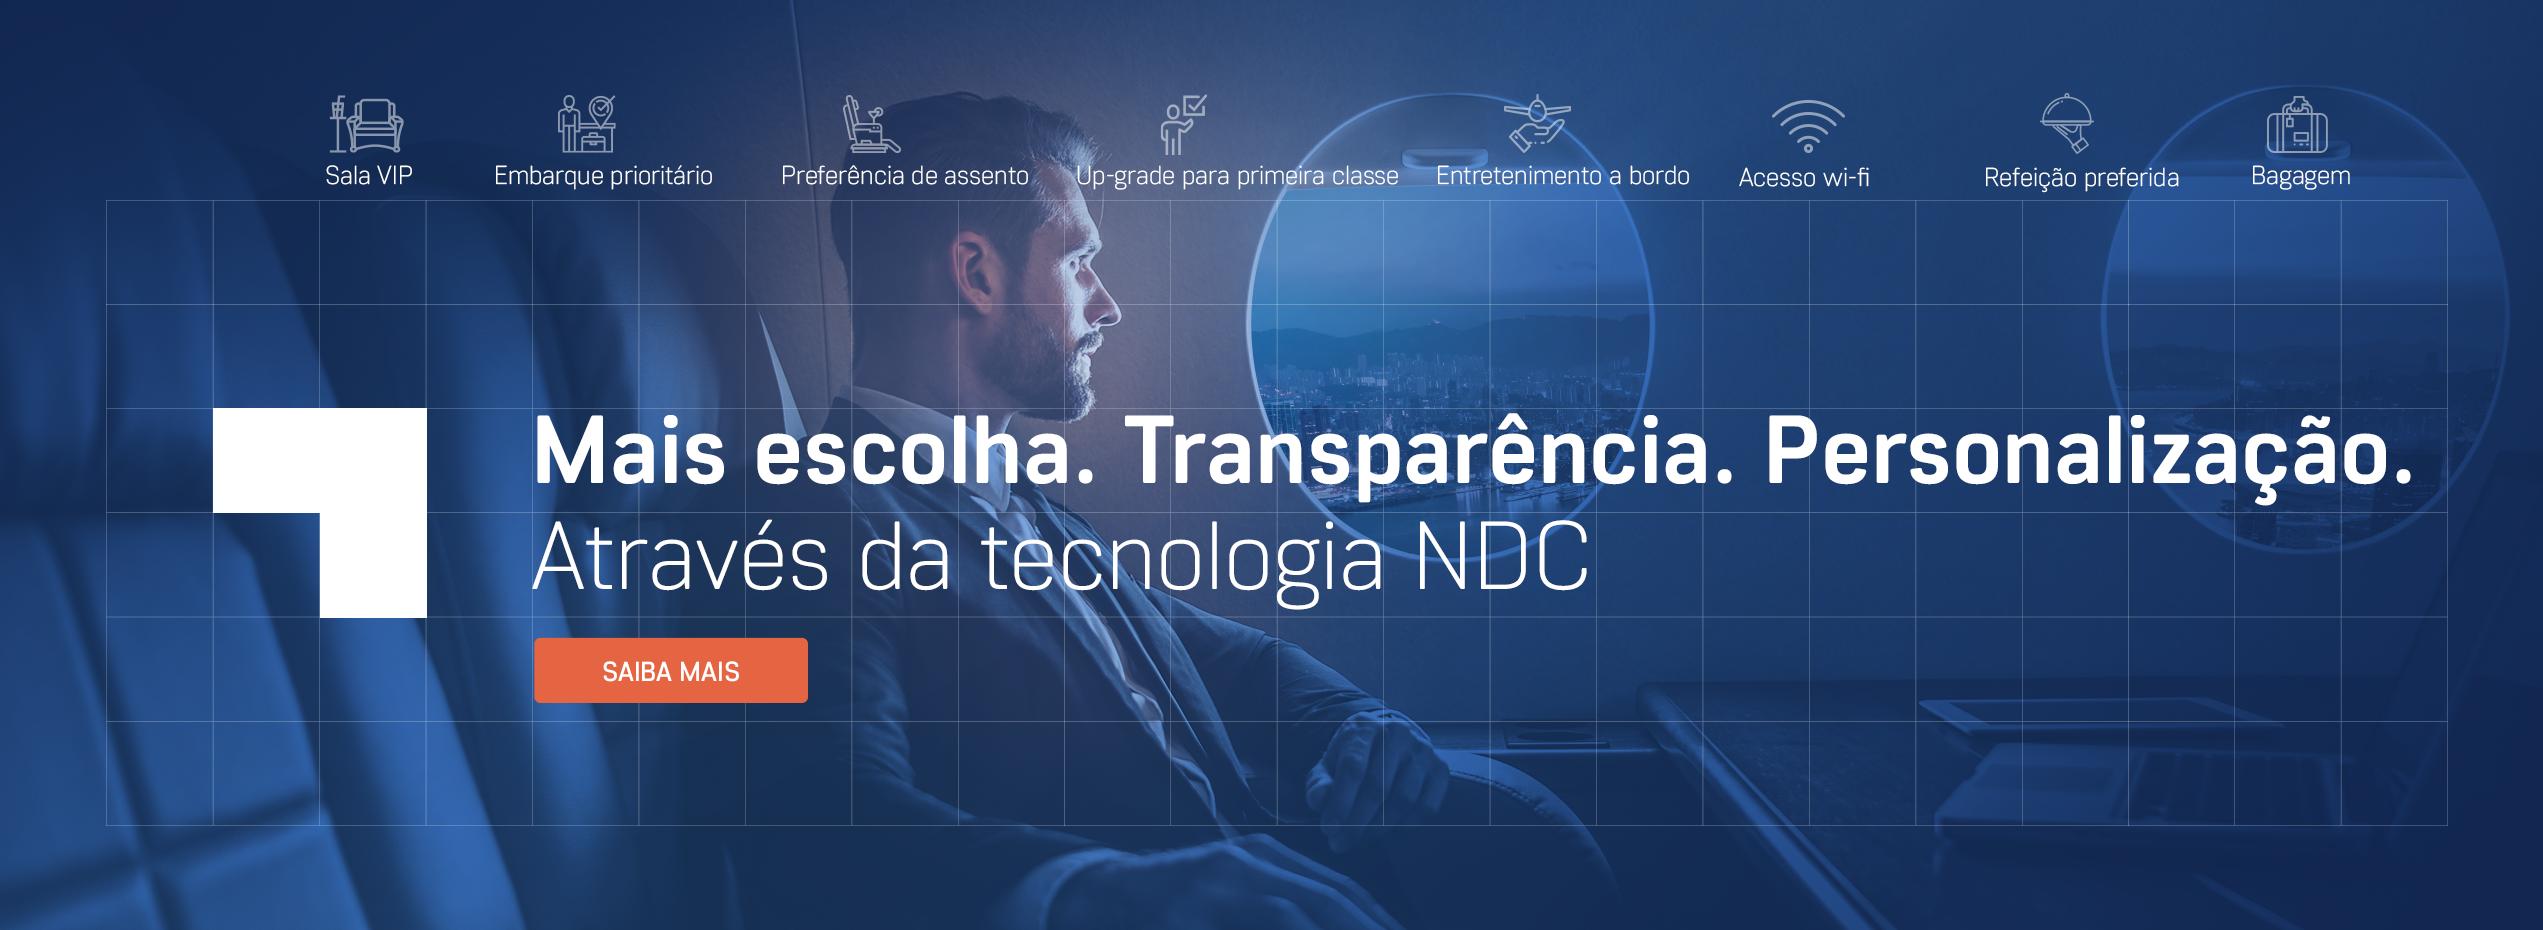 banner_standardul_NDC_dcsplus_homePT